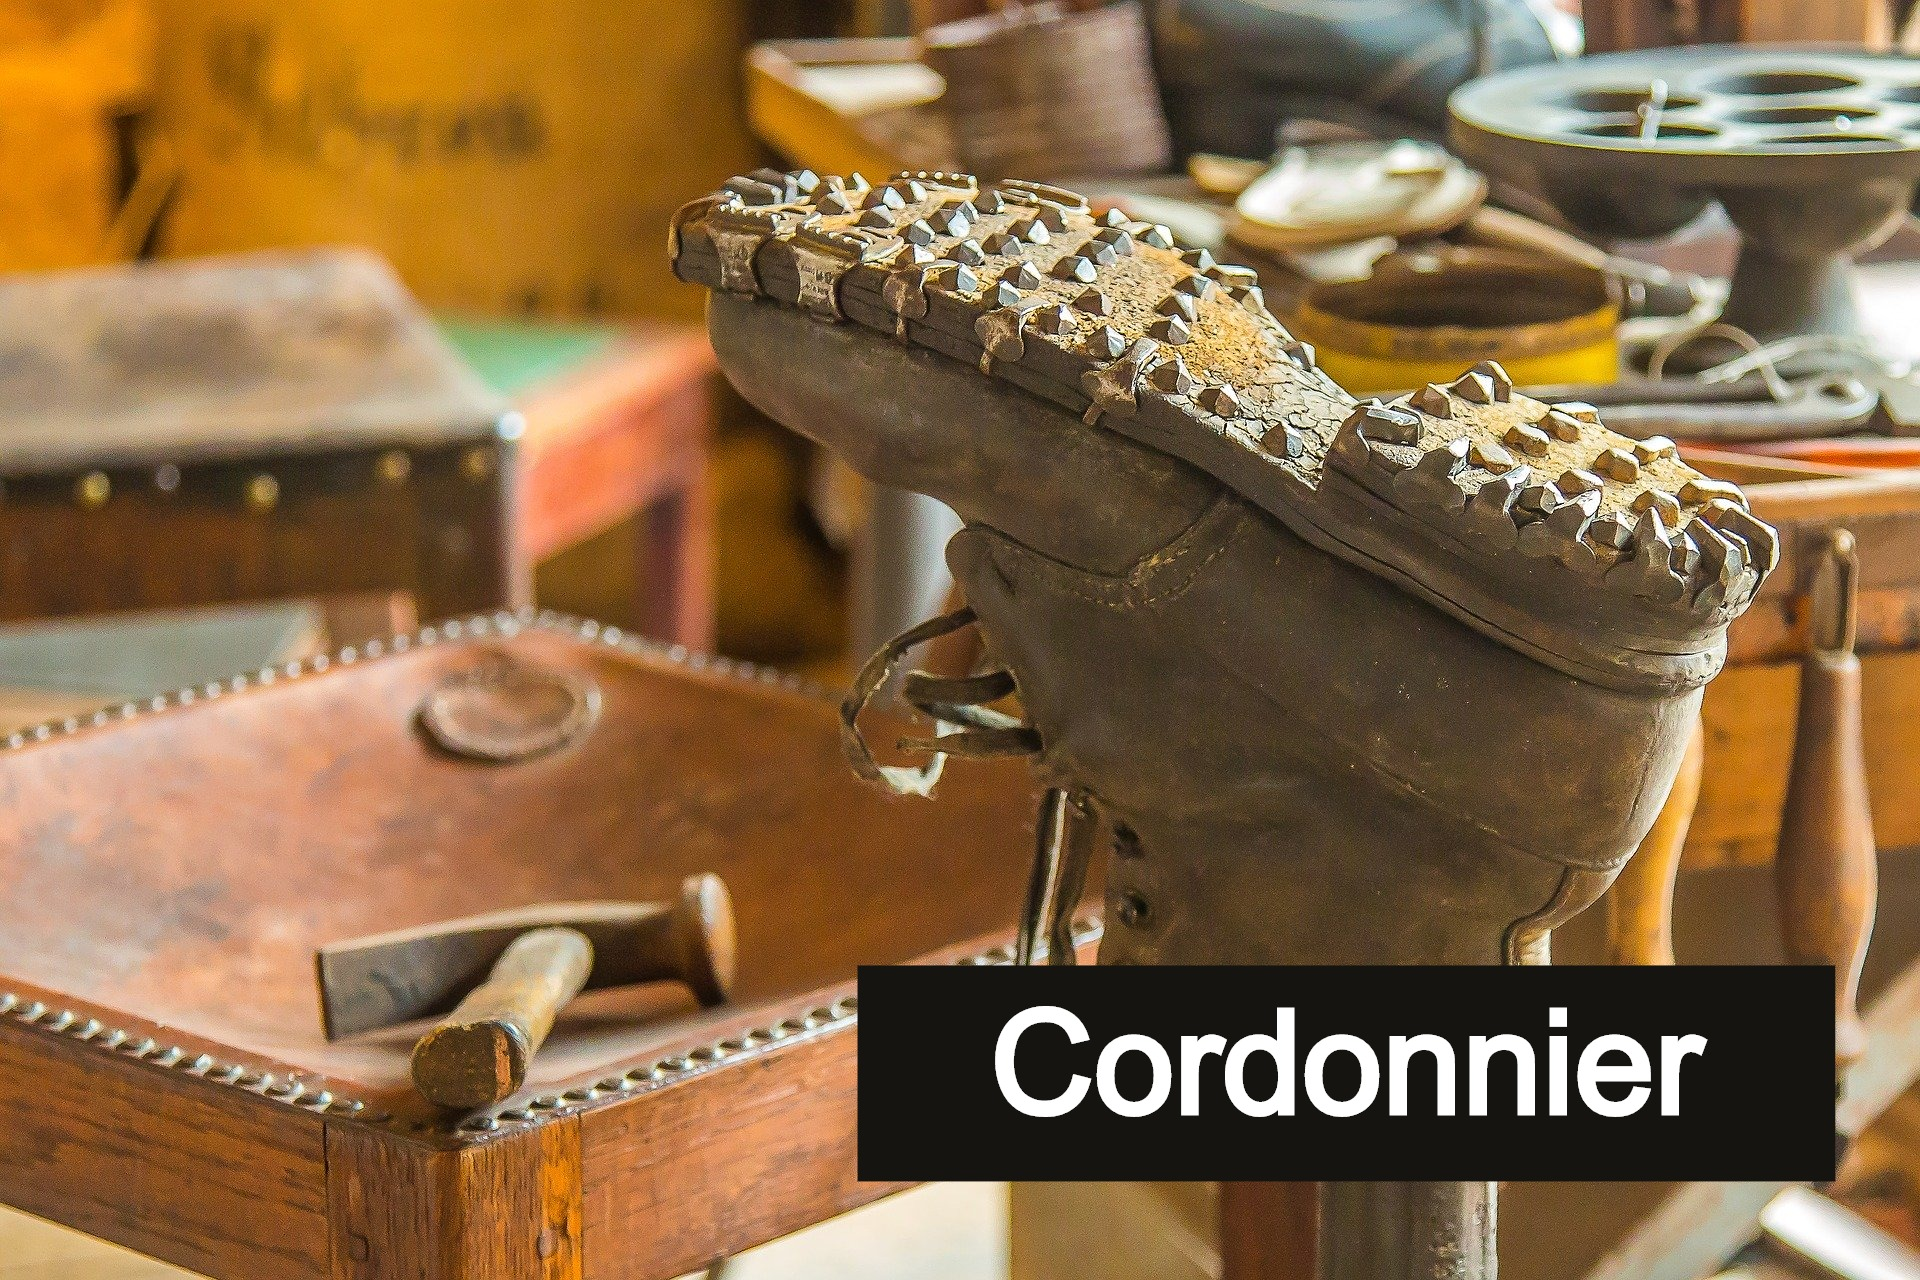 Cordonnier